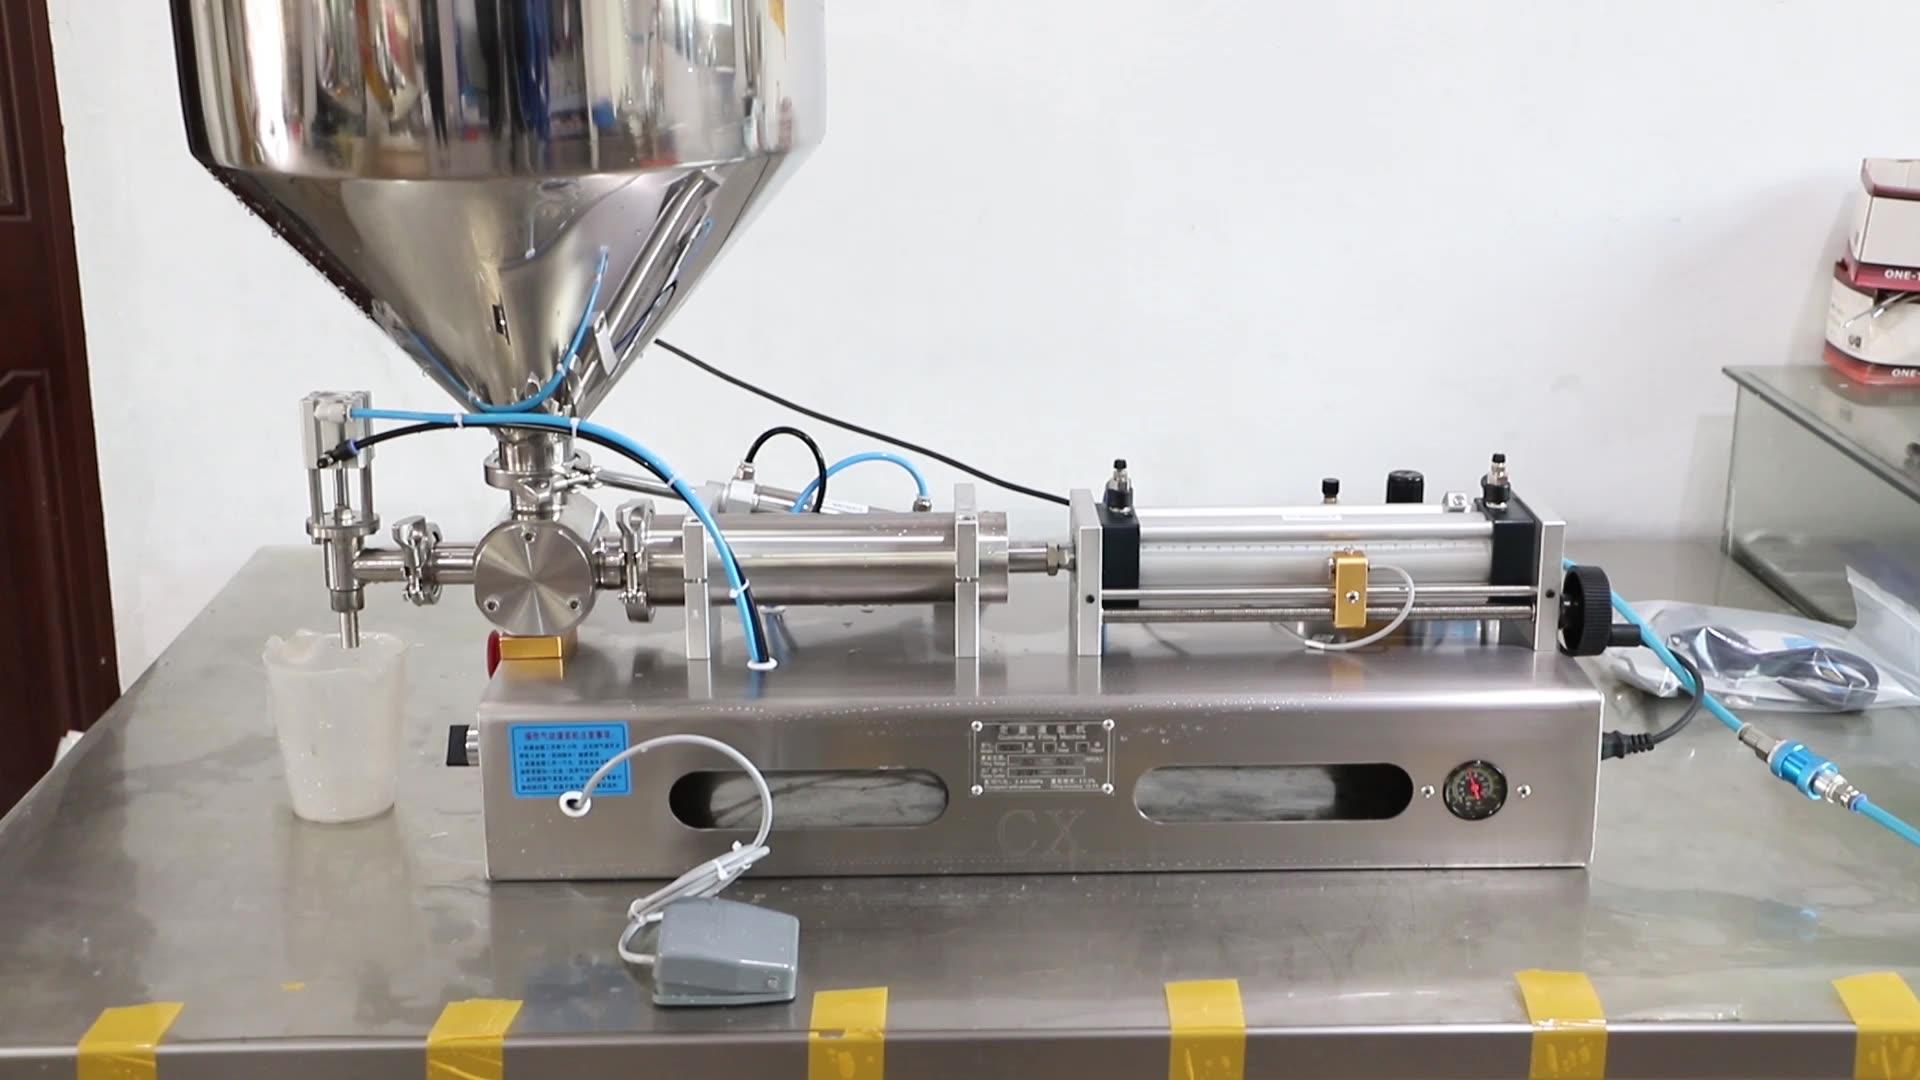 1/2/4 ugelli semi automatico pistone pasta di riempimento macchina di rifornimento crema cosmetica